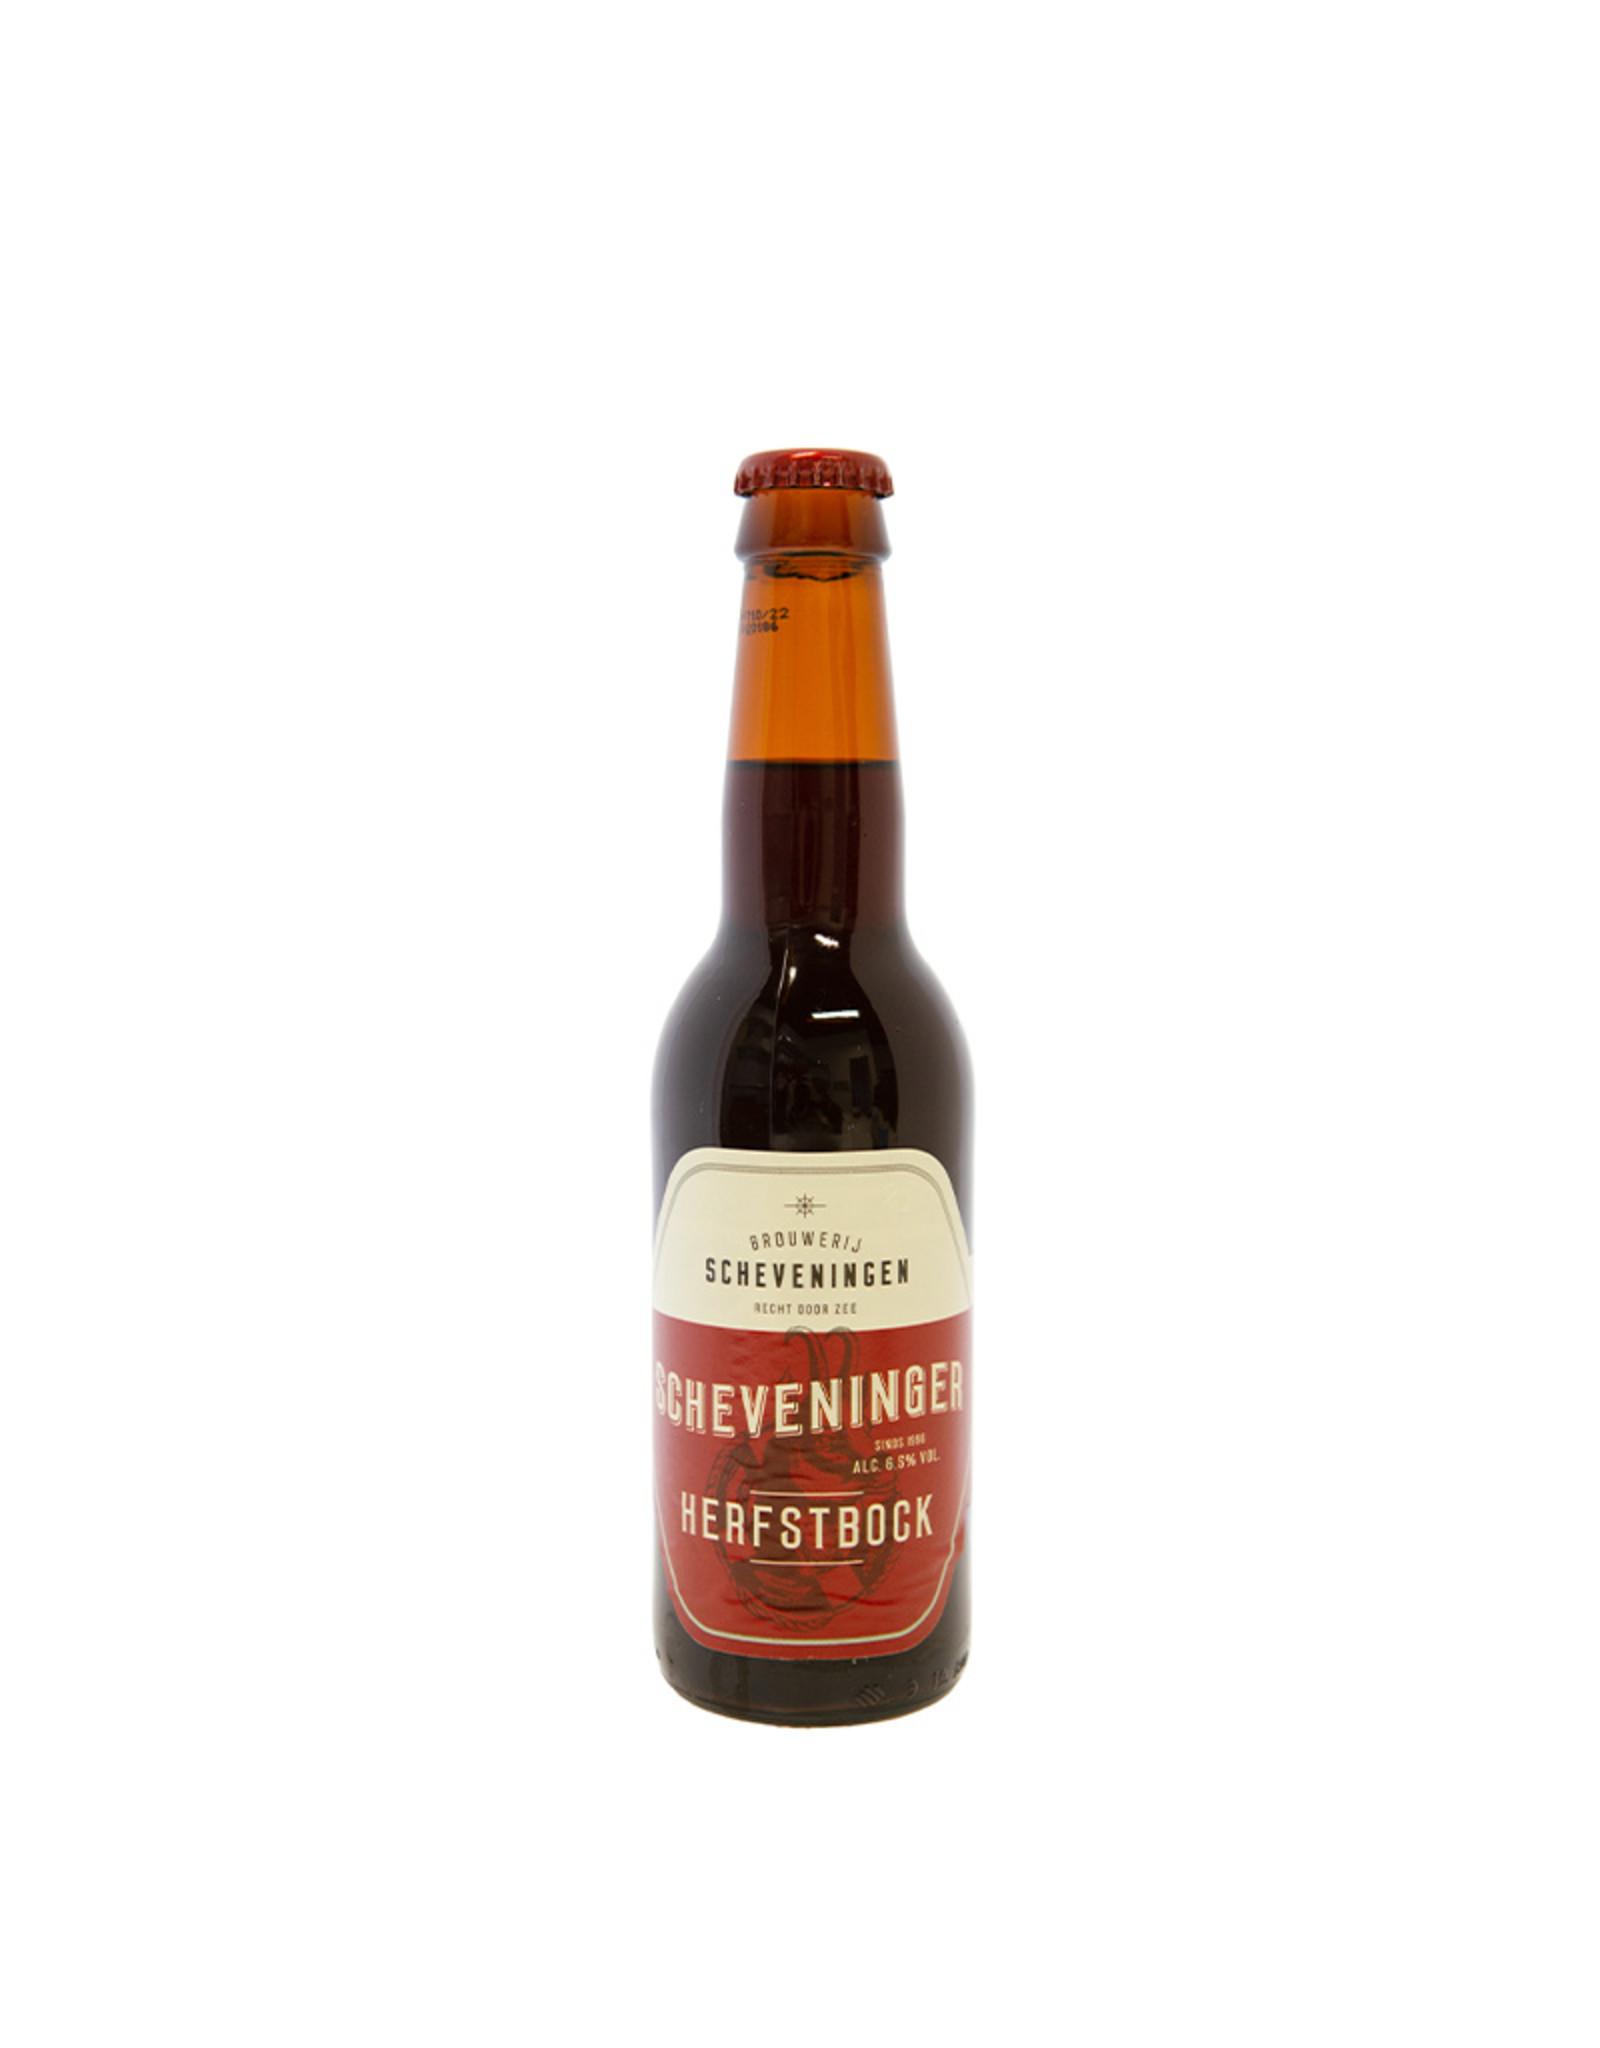 Brouwerij Scheveningen Scheveninger Herfstbock - 33cl